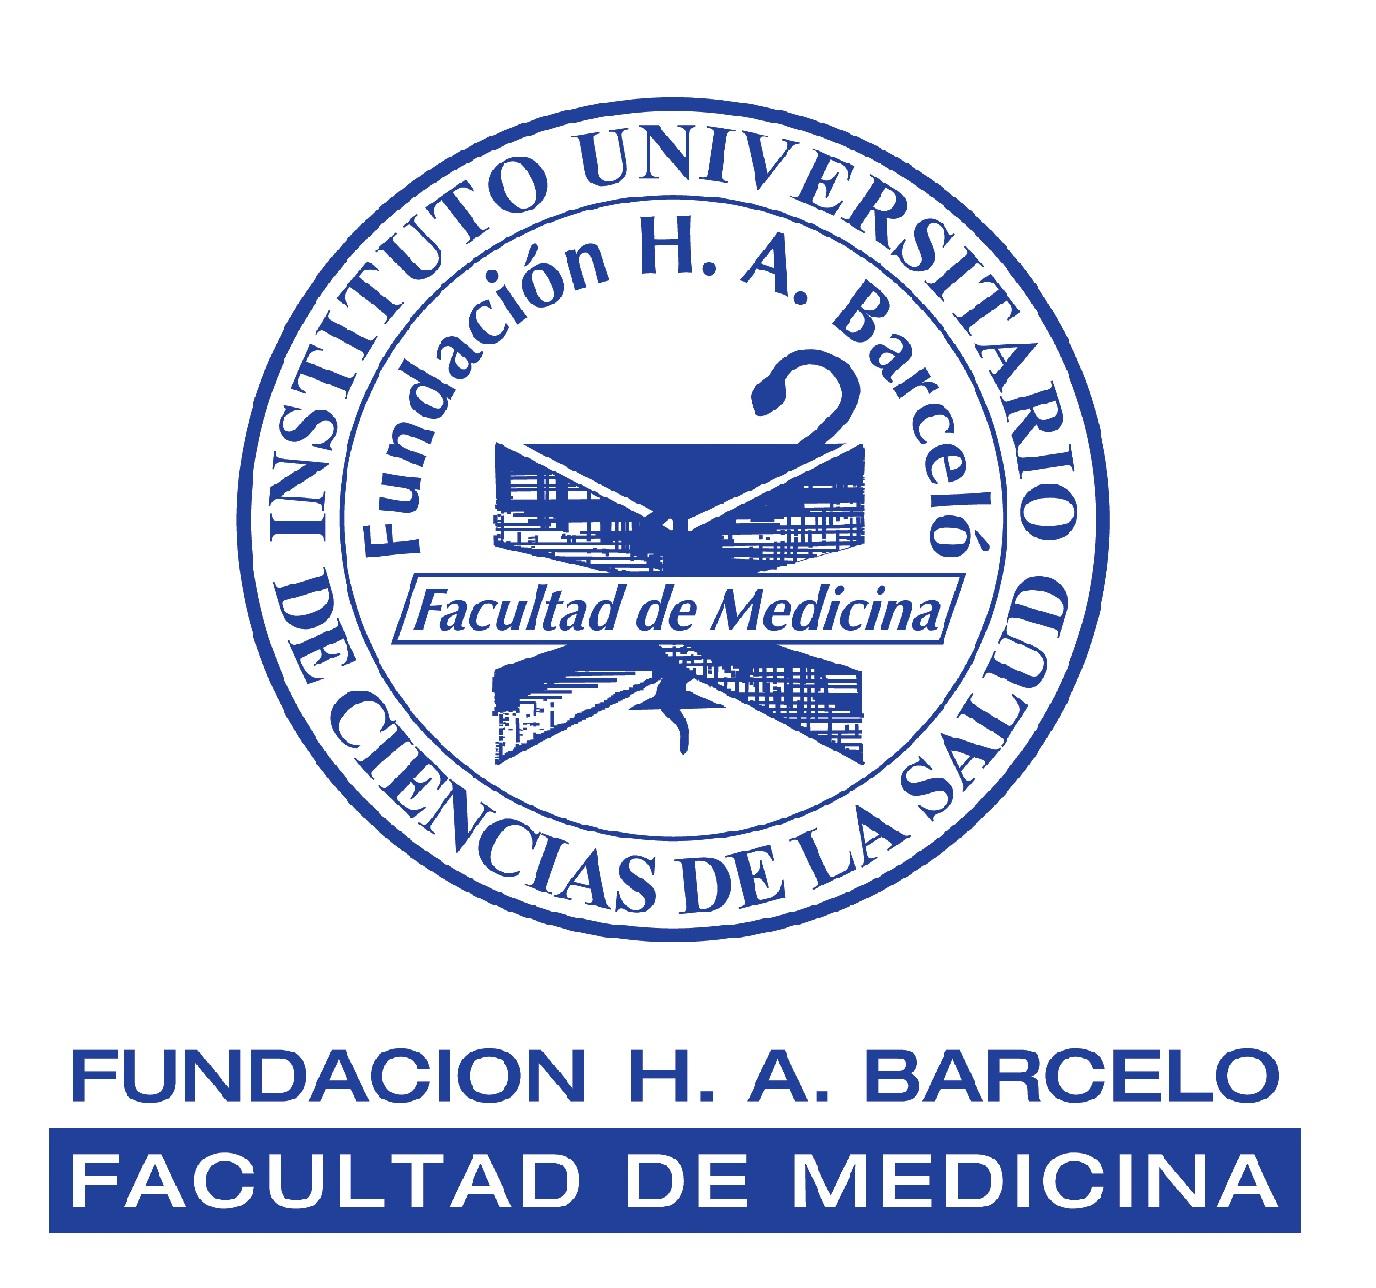 Instituto Universitario de Ciencias de la Salud Fundación H.A. Barceló